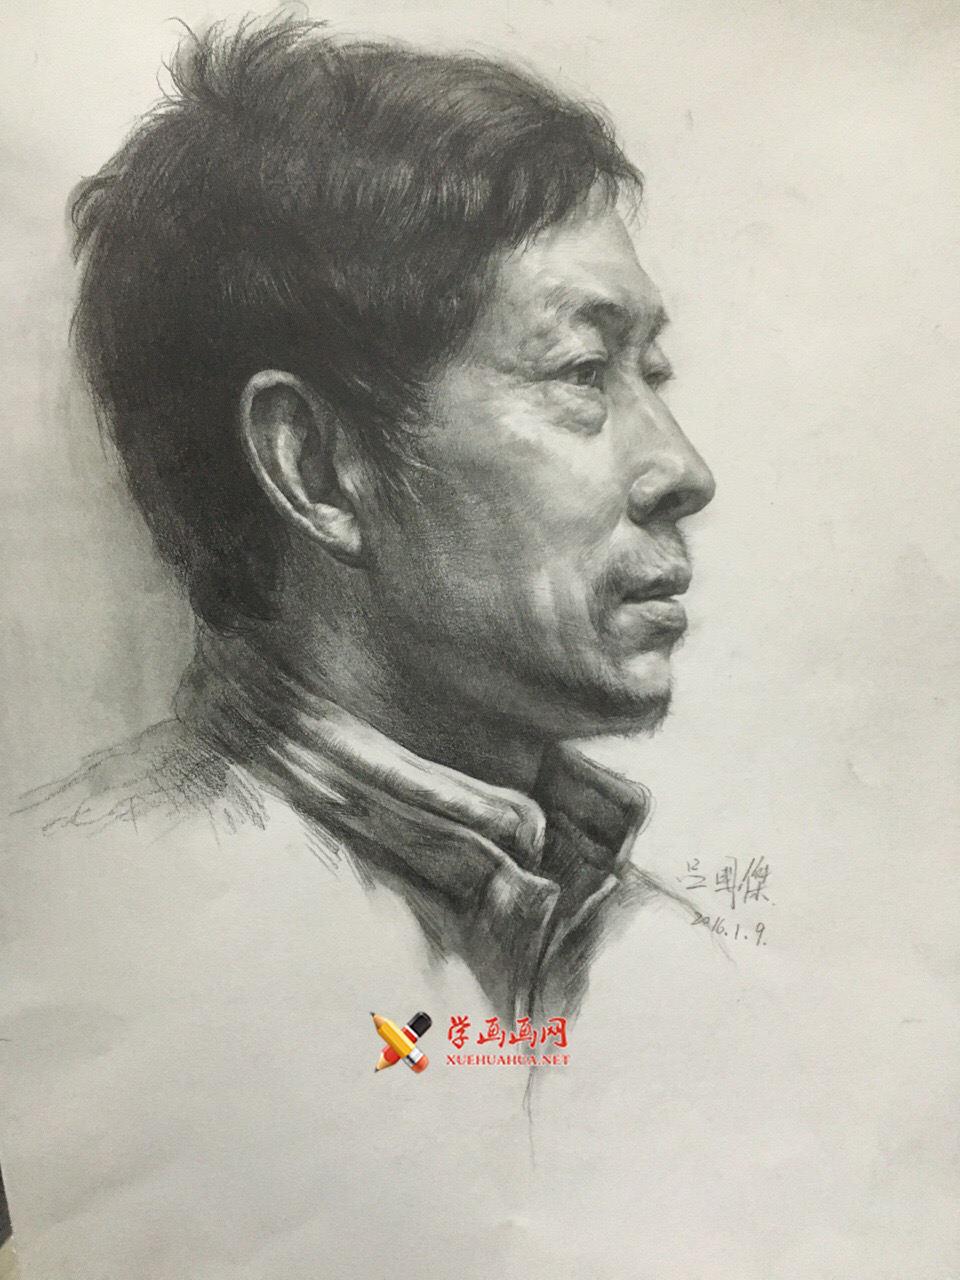 老鹰画室吕国杰老师素描头像范画欣赏(1)